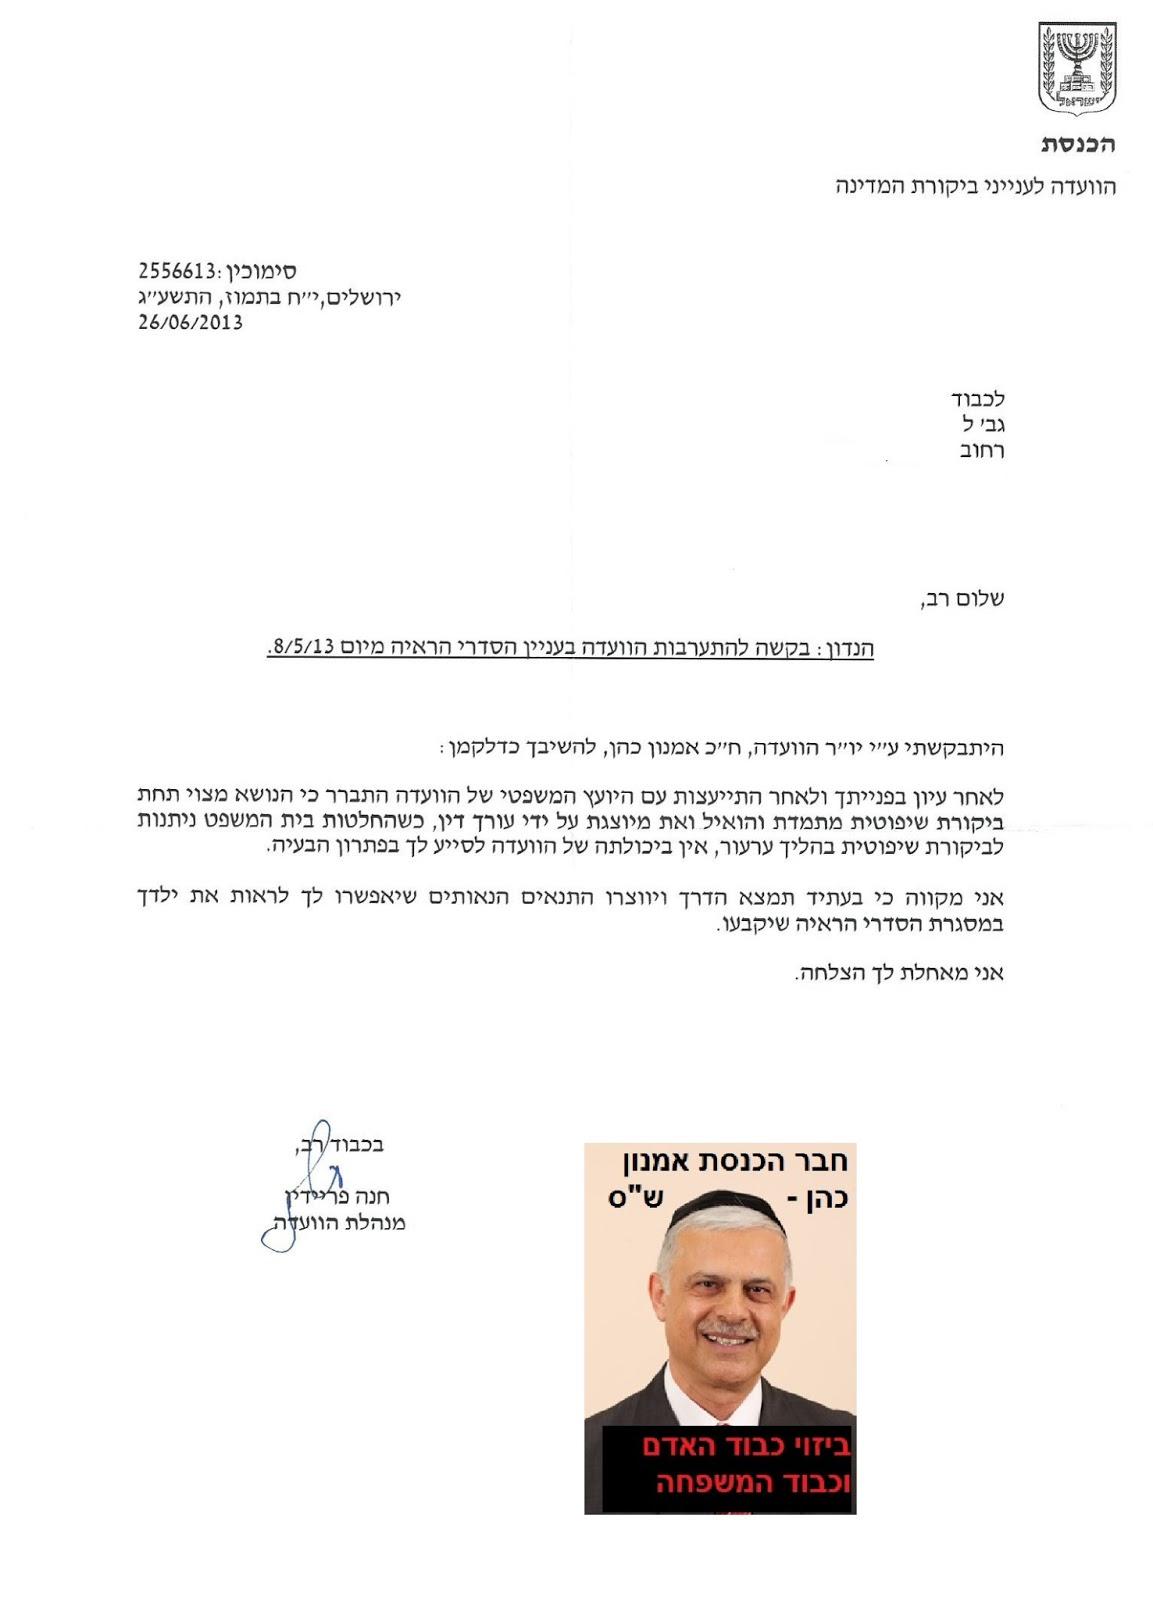 תגובתו הלקונית והאכזרית של חבר הכנסת אמנון כהן לפניית האמא שאינה רואה את בנה מזה 4 וחצי שנים